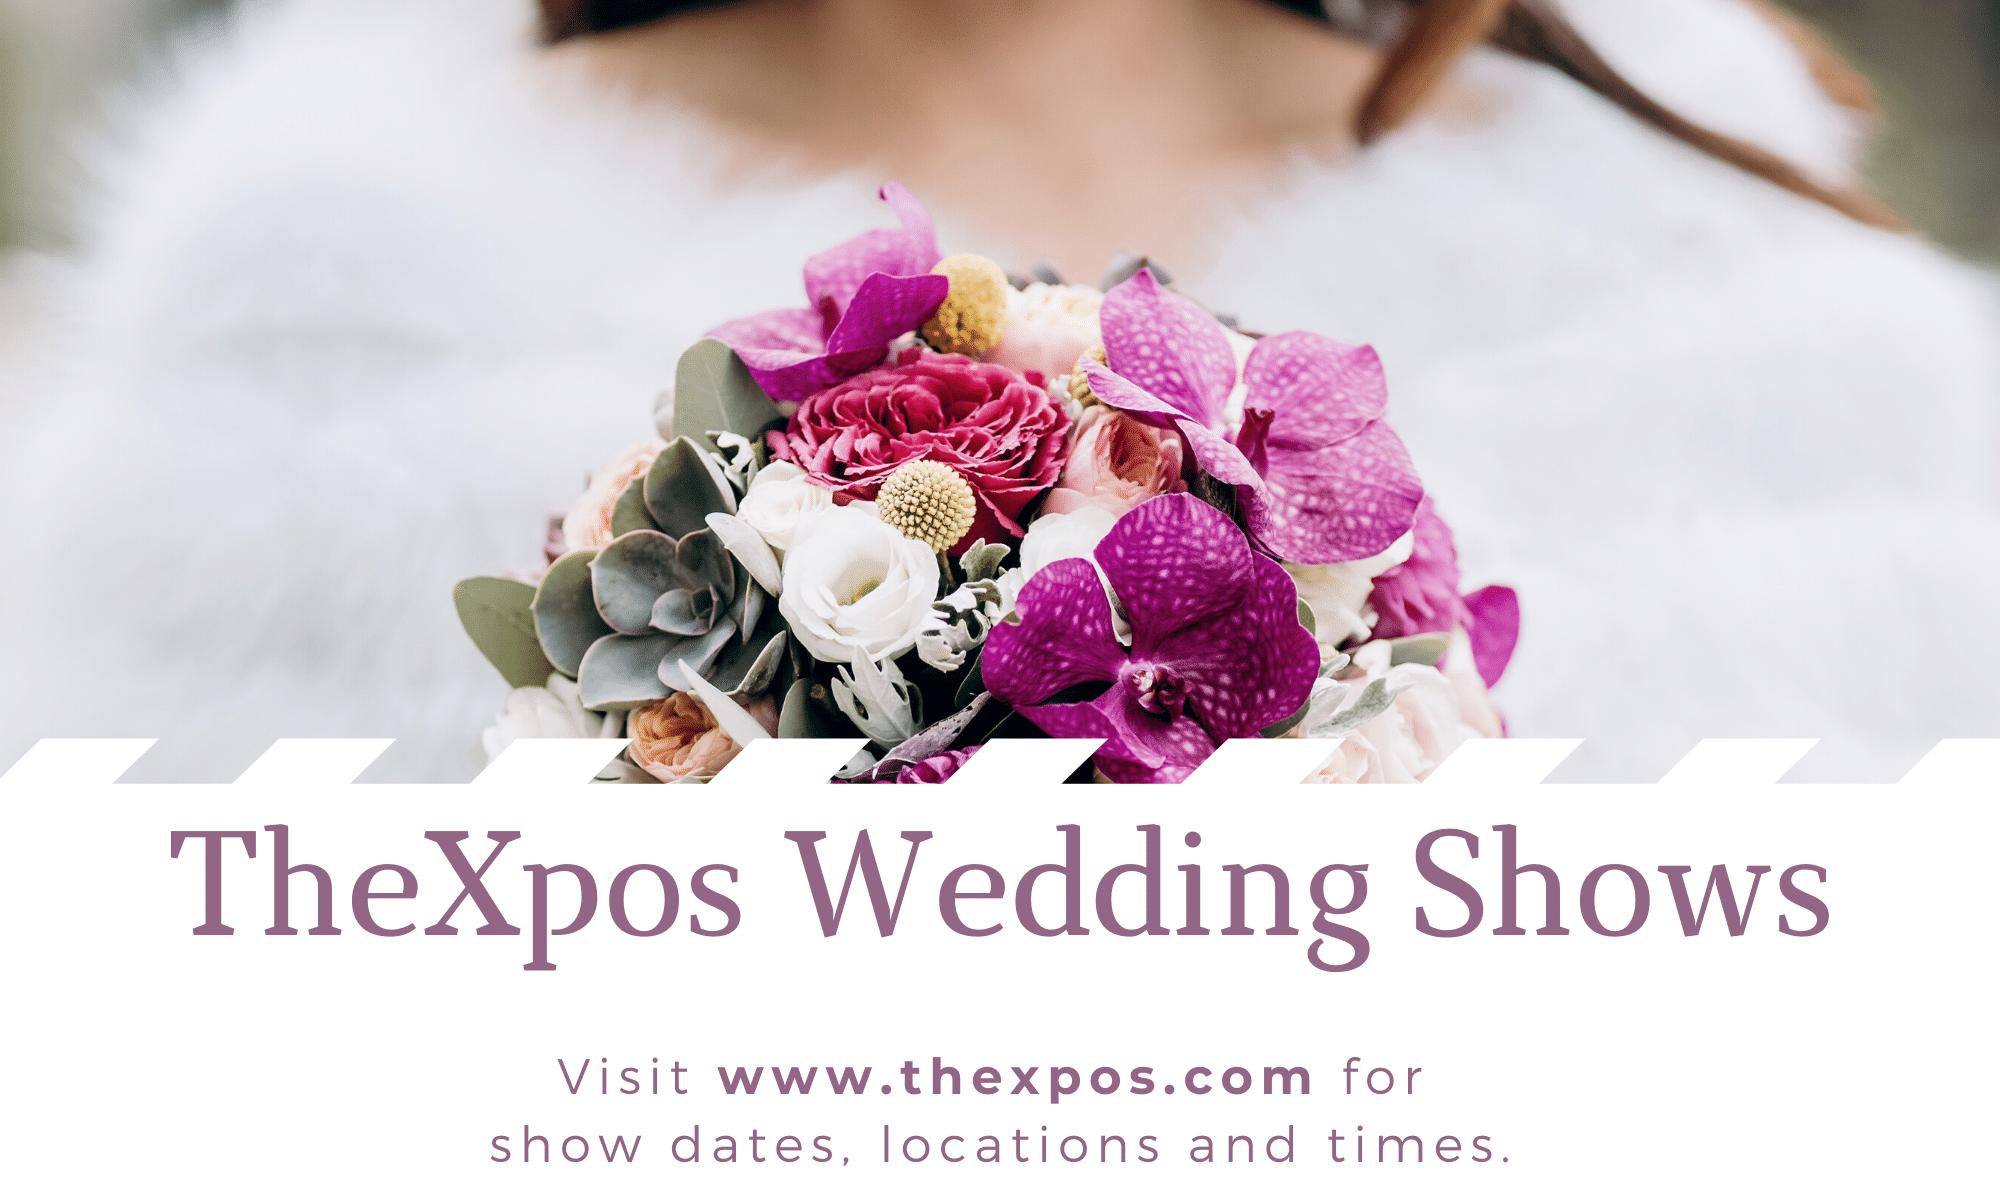 TheXpos Wedding Shows logo